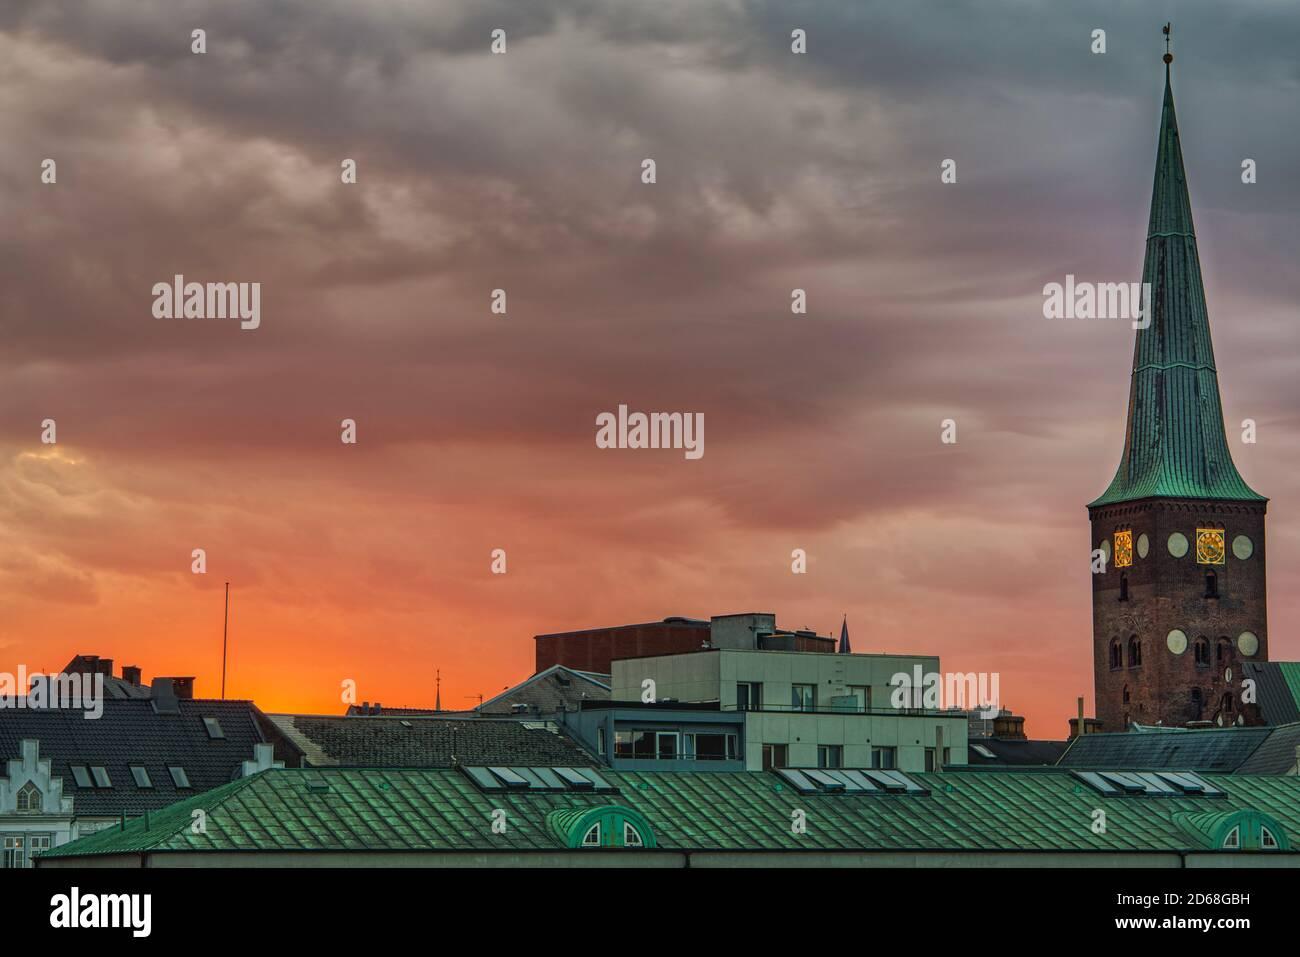 Horizonte de la ciudad al atardecer capturado de la popular biblioteca DOKK1 Con el campanario Domkirke (Catedral) de pie desde el el centro de las casas ' techos Foto de stock